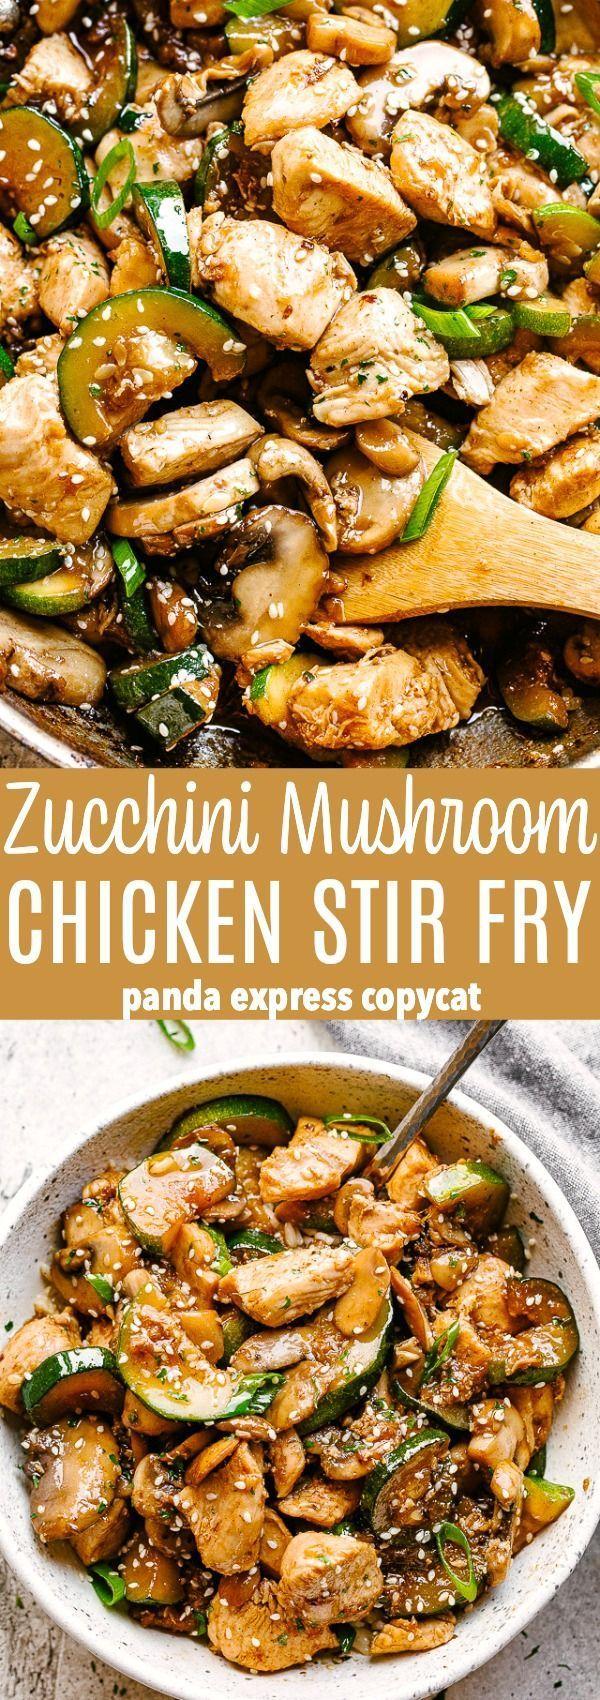 Zucchini Mushroom Chicken Stir Fry - Frische und köstliche Hühnerpfanne ... #chicken #frische #Fry #huhnerpfanne #kostliche #mushroom #Stir #und #zucchini #howtostirfry